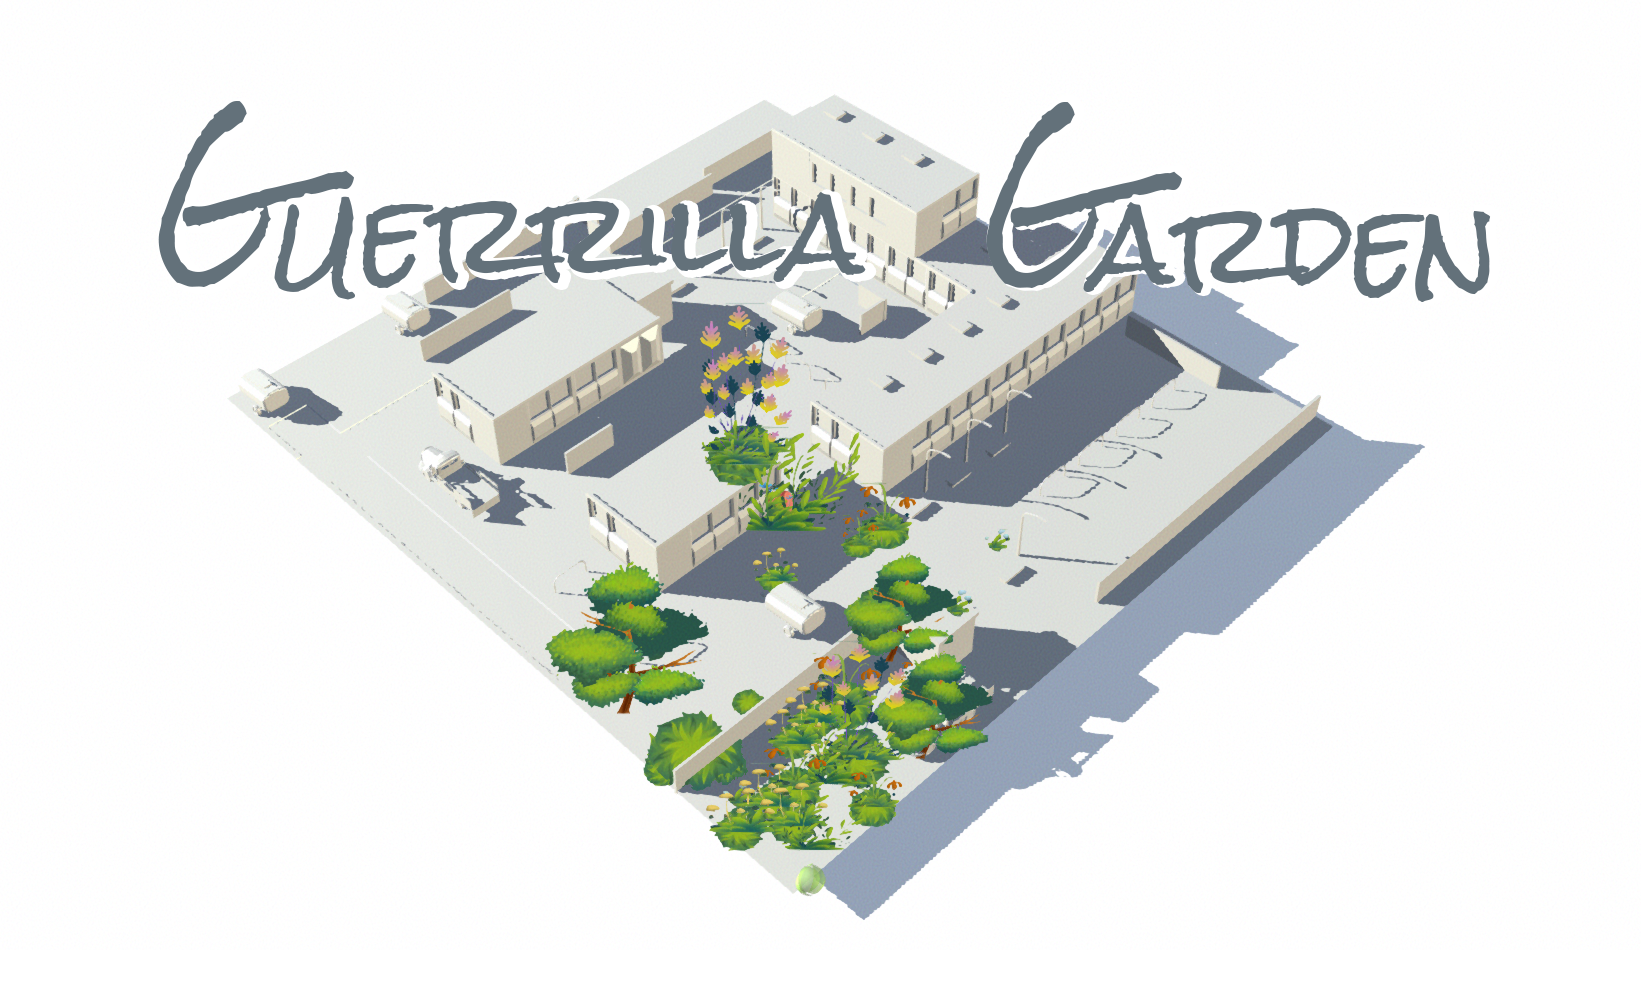 Guerrilla Garden